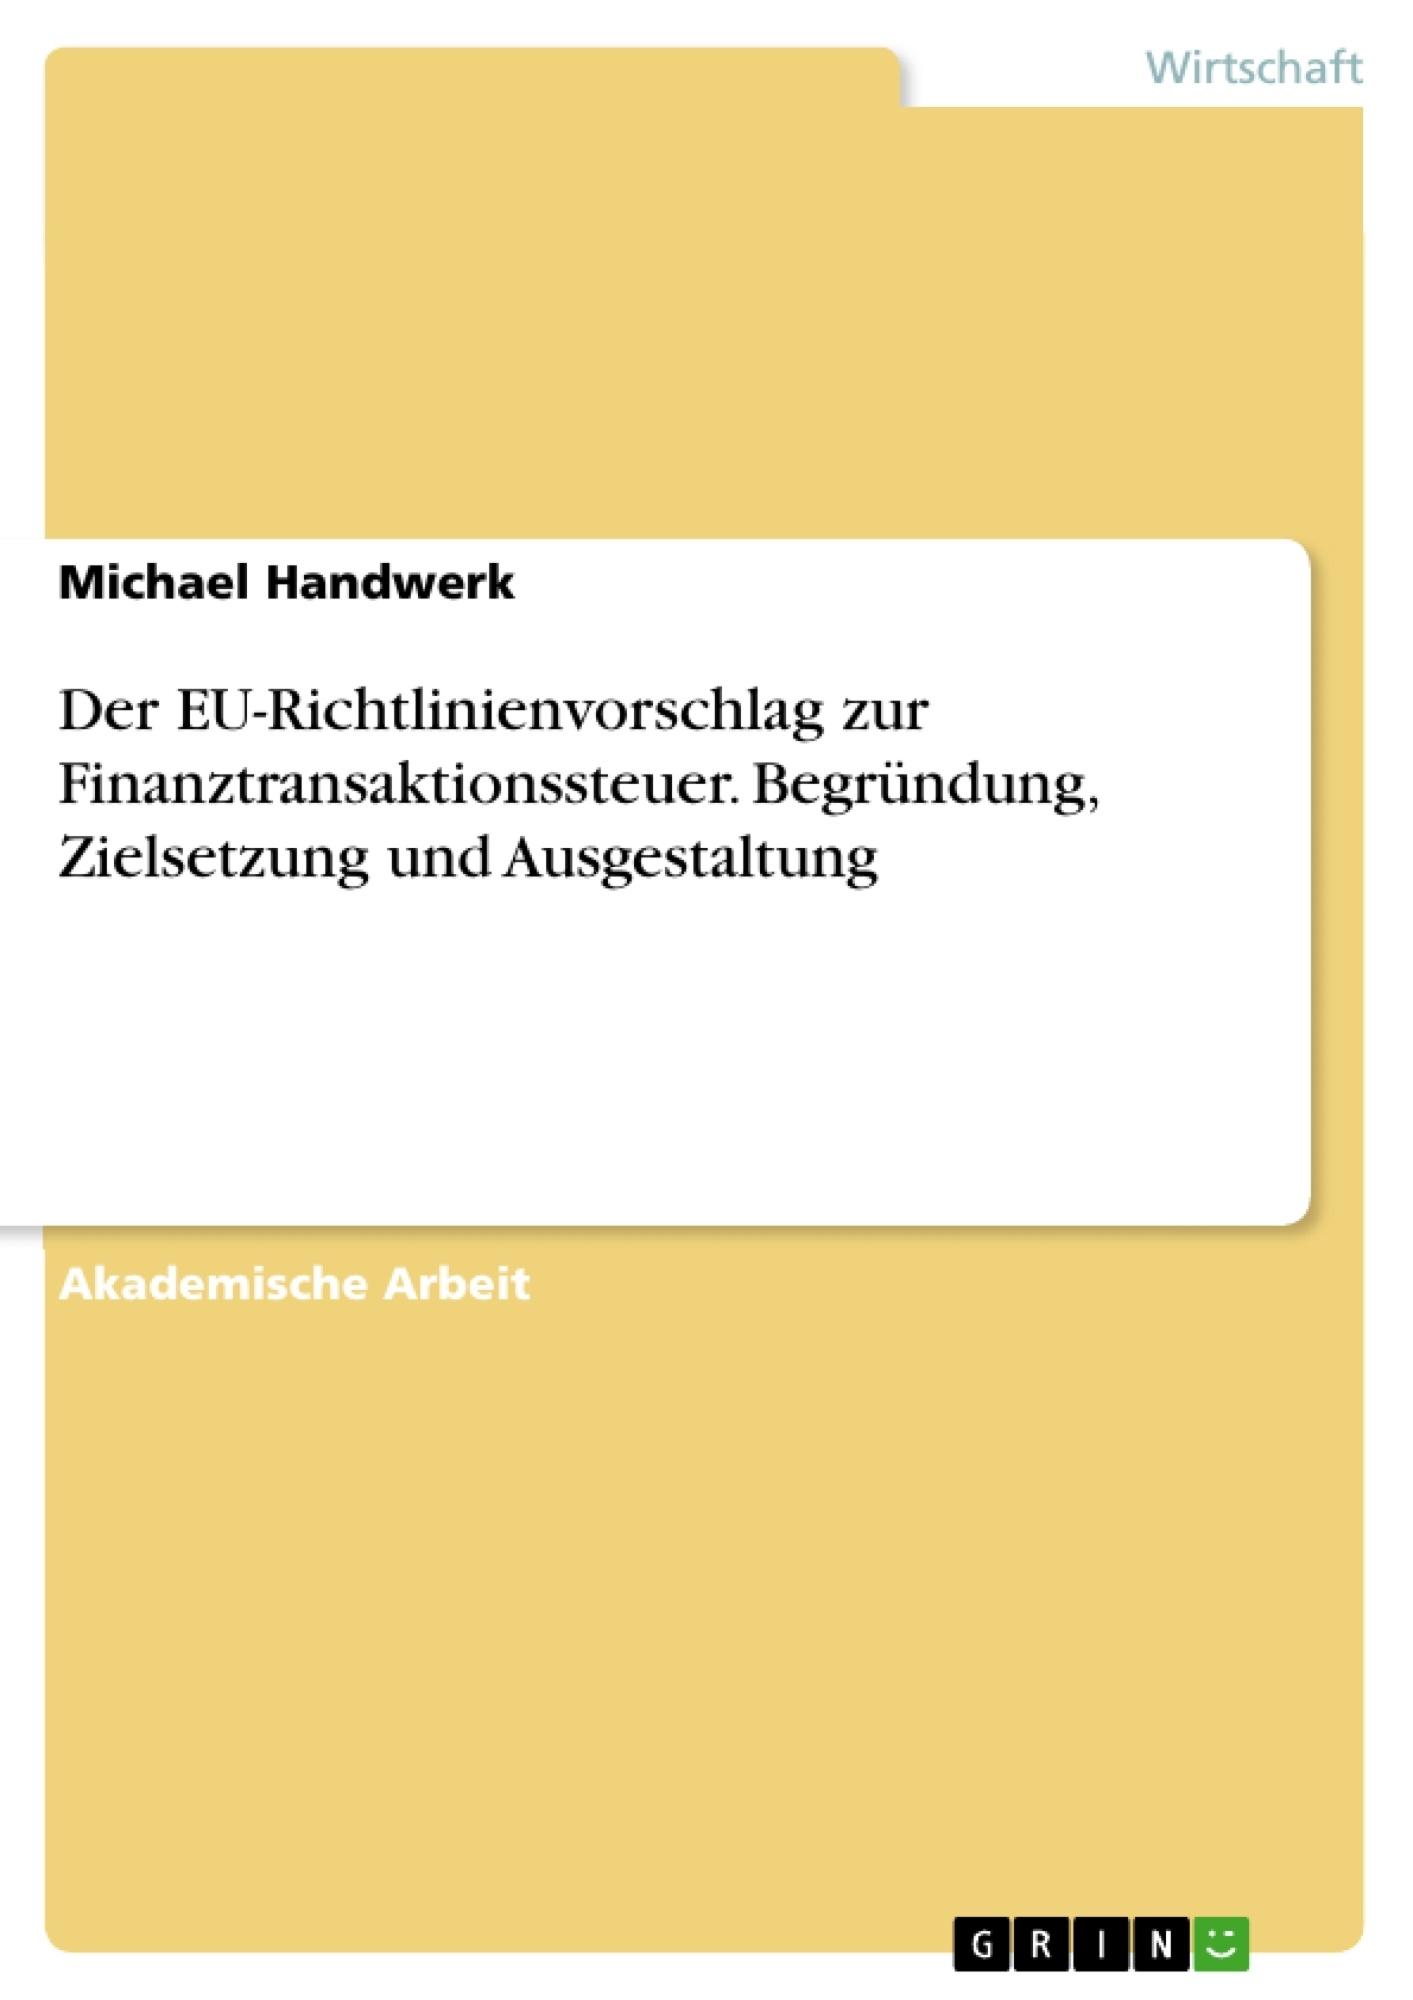 Titel: Der EU-Richtlinienvorschlag zur Finanztransaktionssteuer. Begründung, Zielsetzung und Ausgestaltung